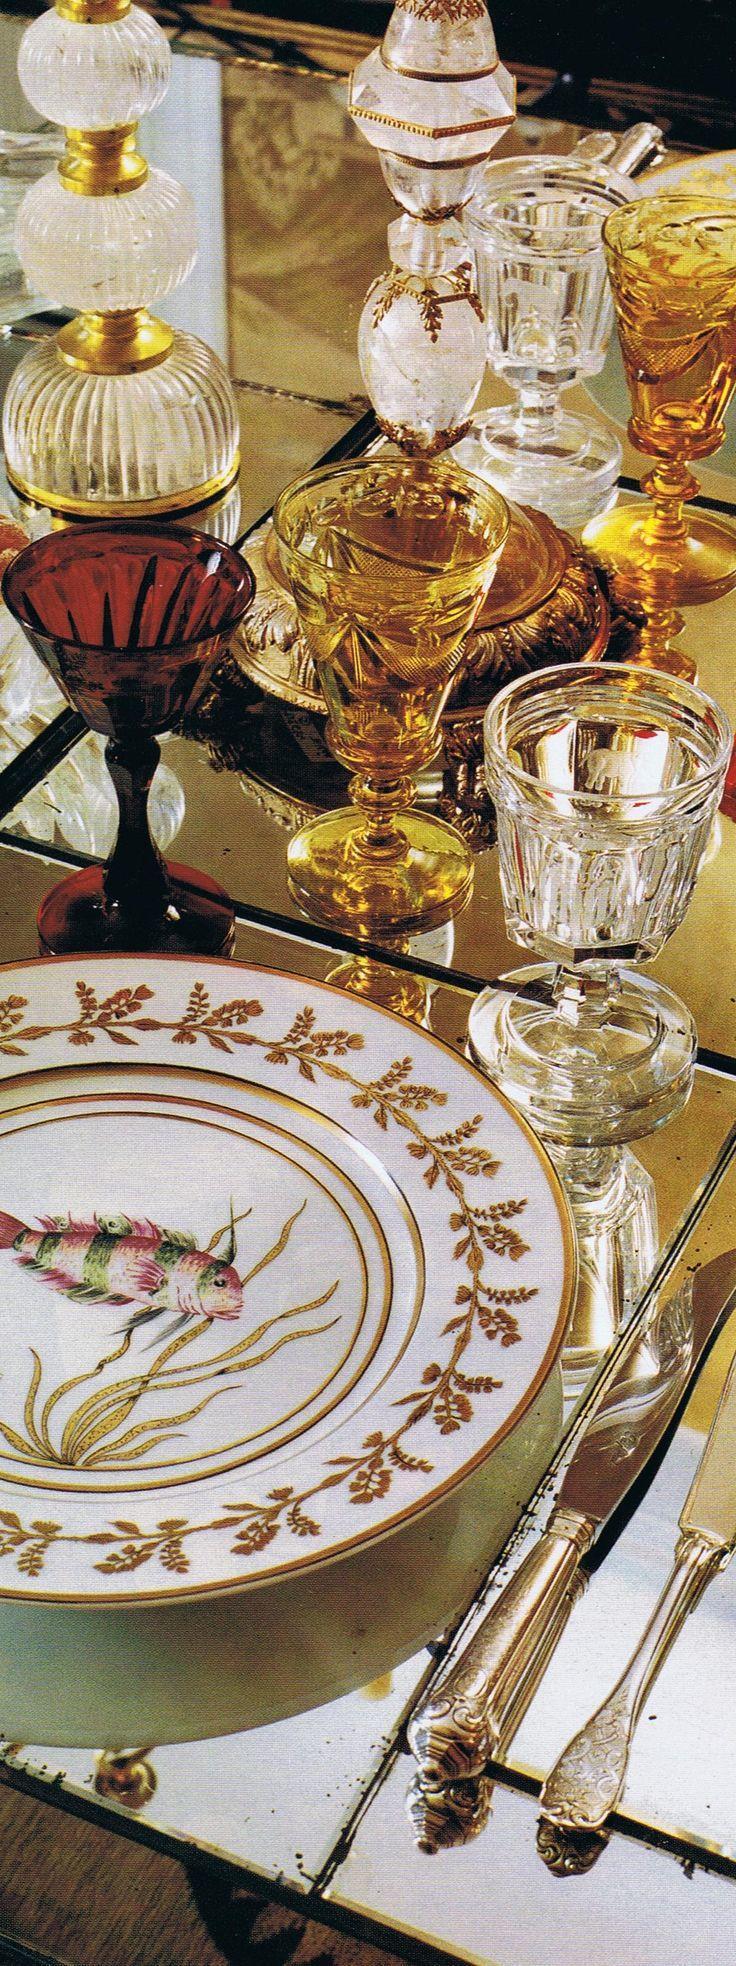 Şık Bir Yemek Masası Hazırlamanın Püf Noktaları 32